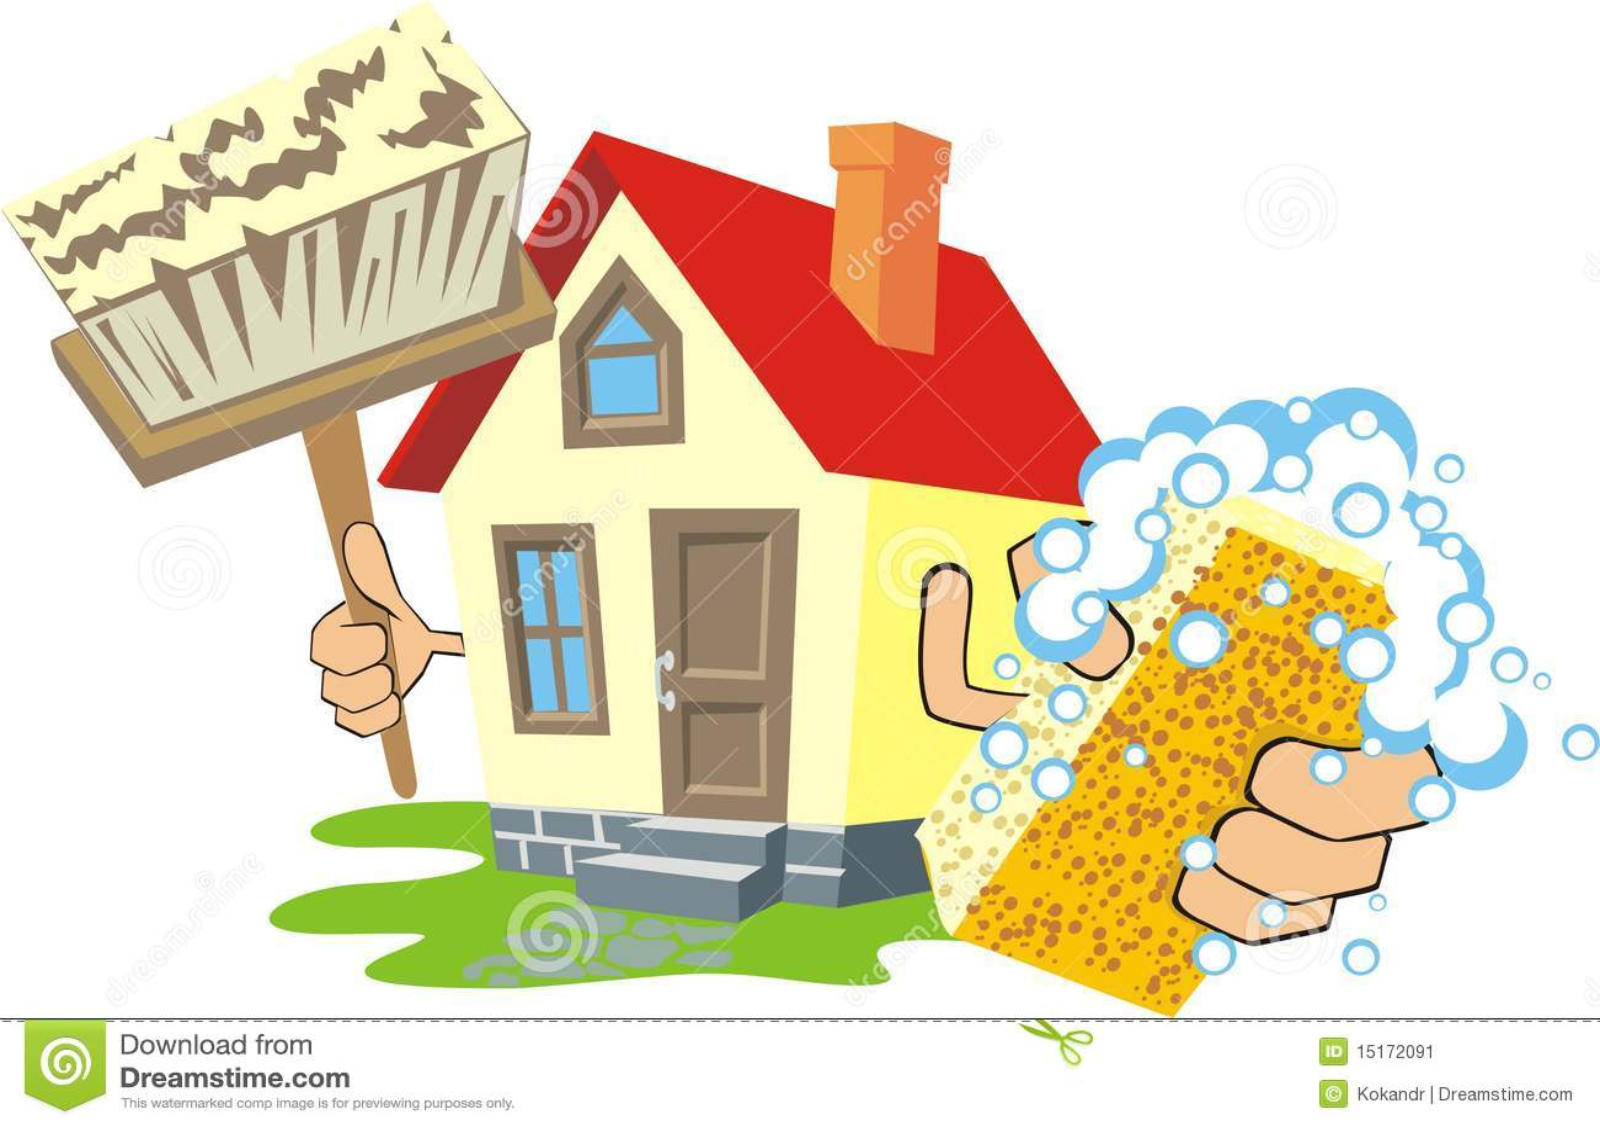 Casa limpia imagen de archivo imagen 15172091 - Imagenes de limpieza de casas ...